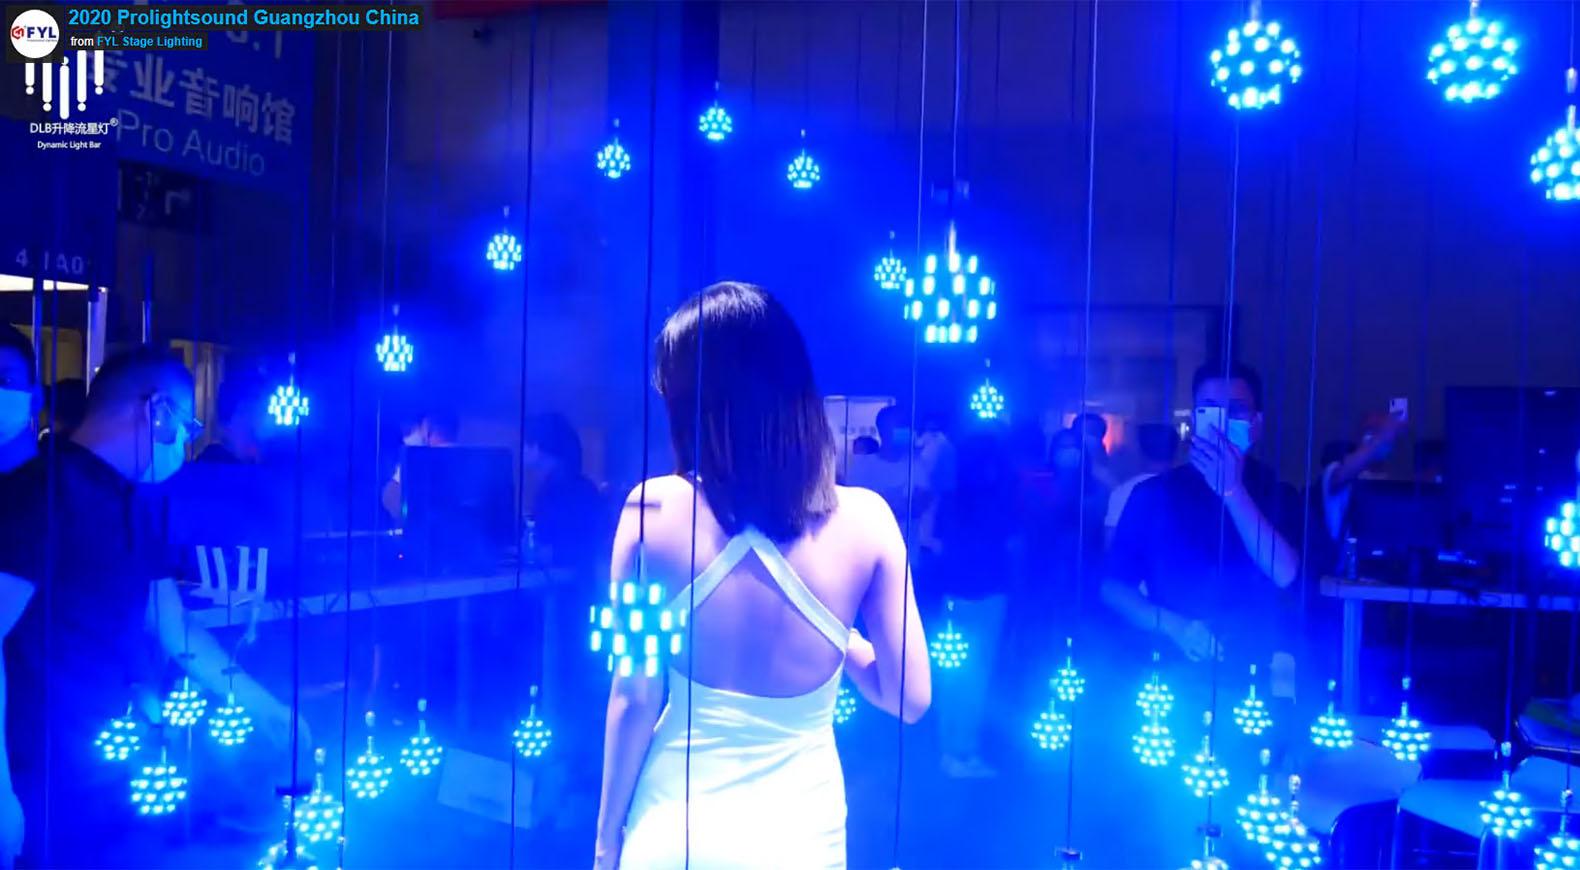 2020 Guangzhou Lighting Exhibition